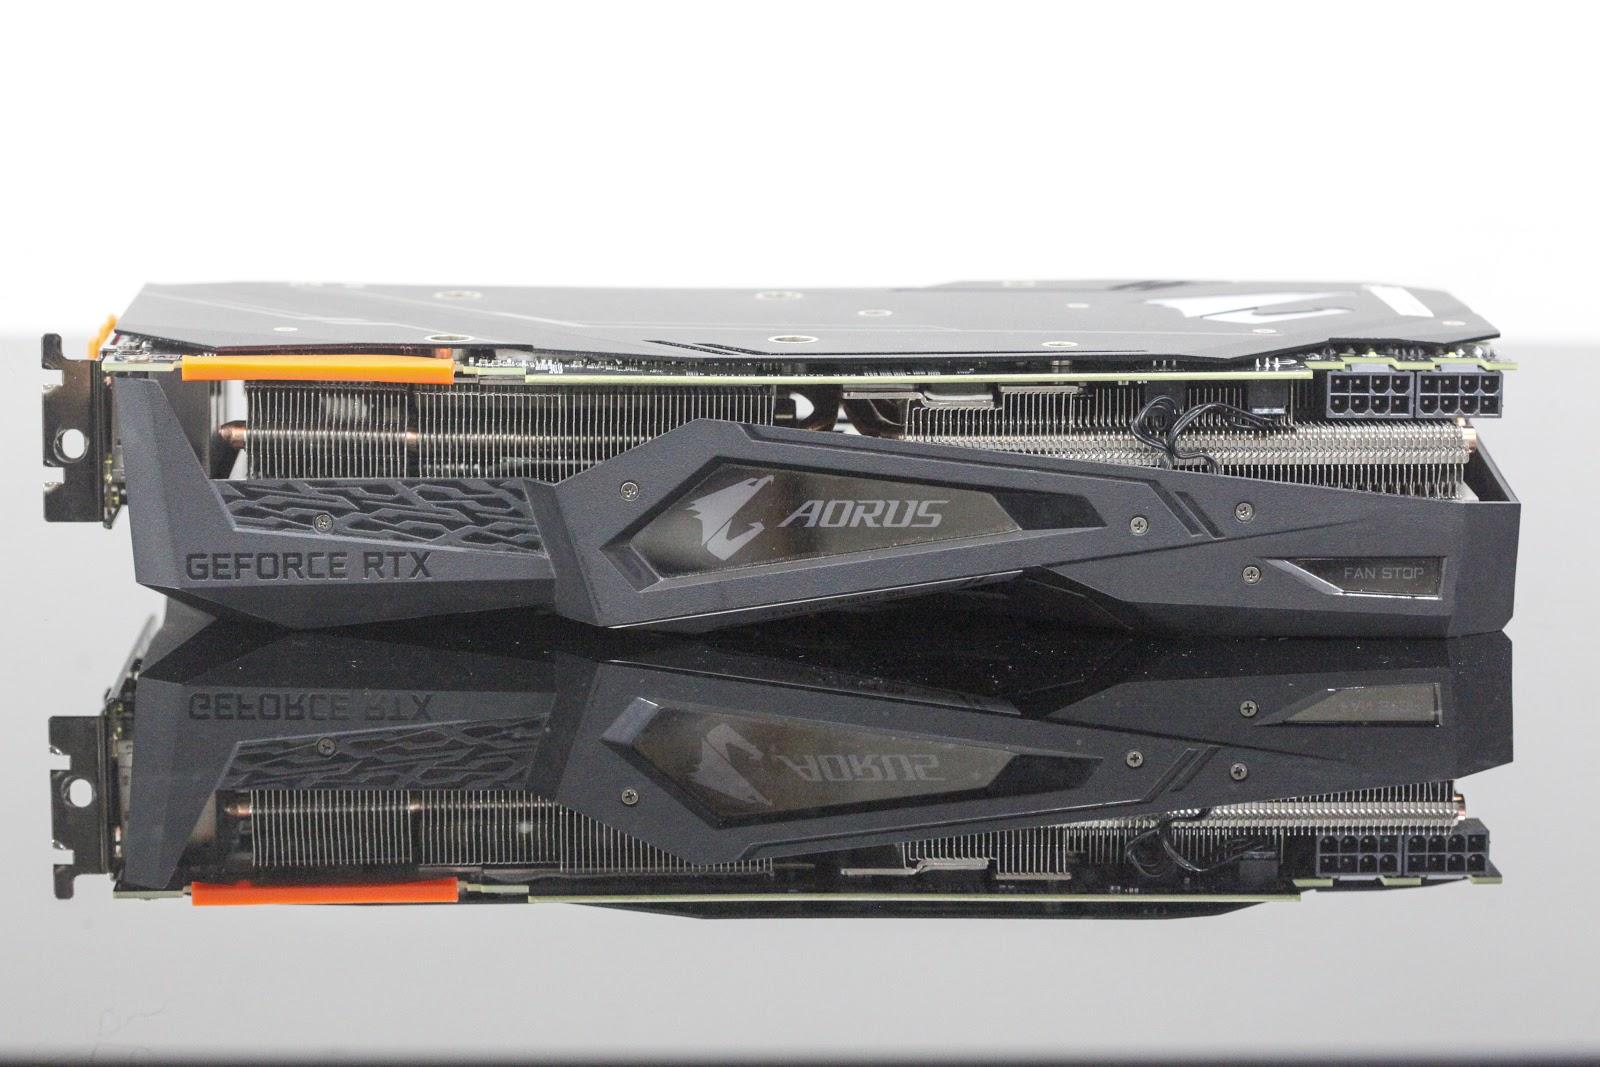 Gigabyte Aorus GeForce RTX 2080 Xtreme: chiếc card đồ họa đẹp nhất năm 2018 - Ảnh 8.